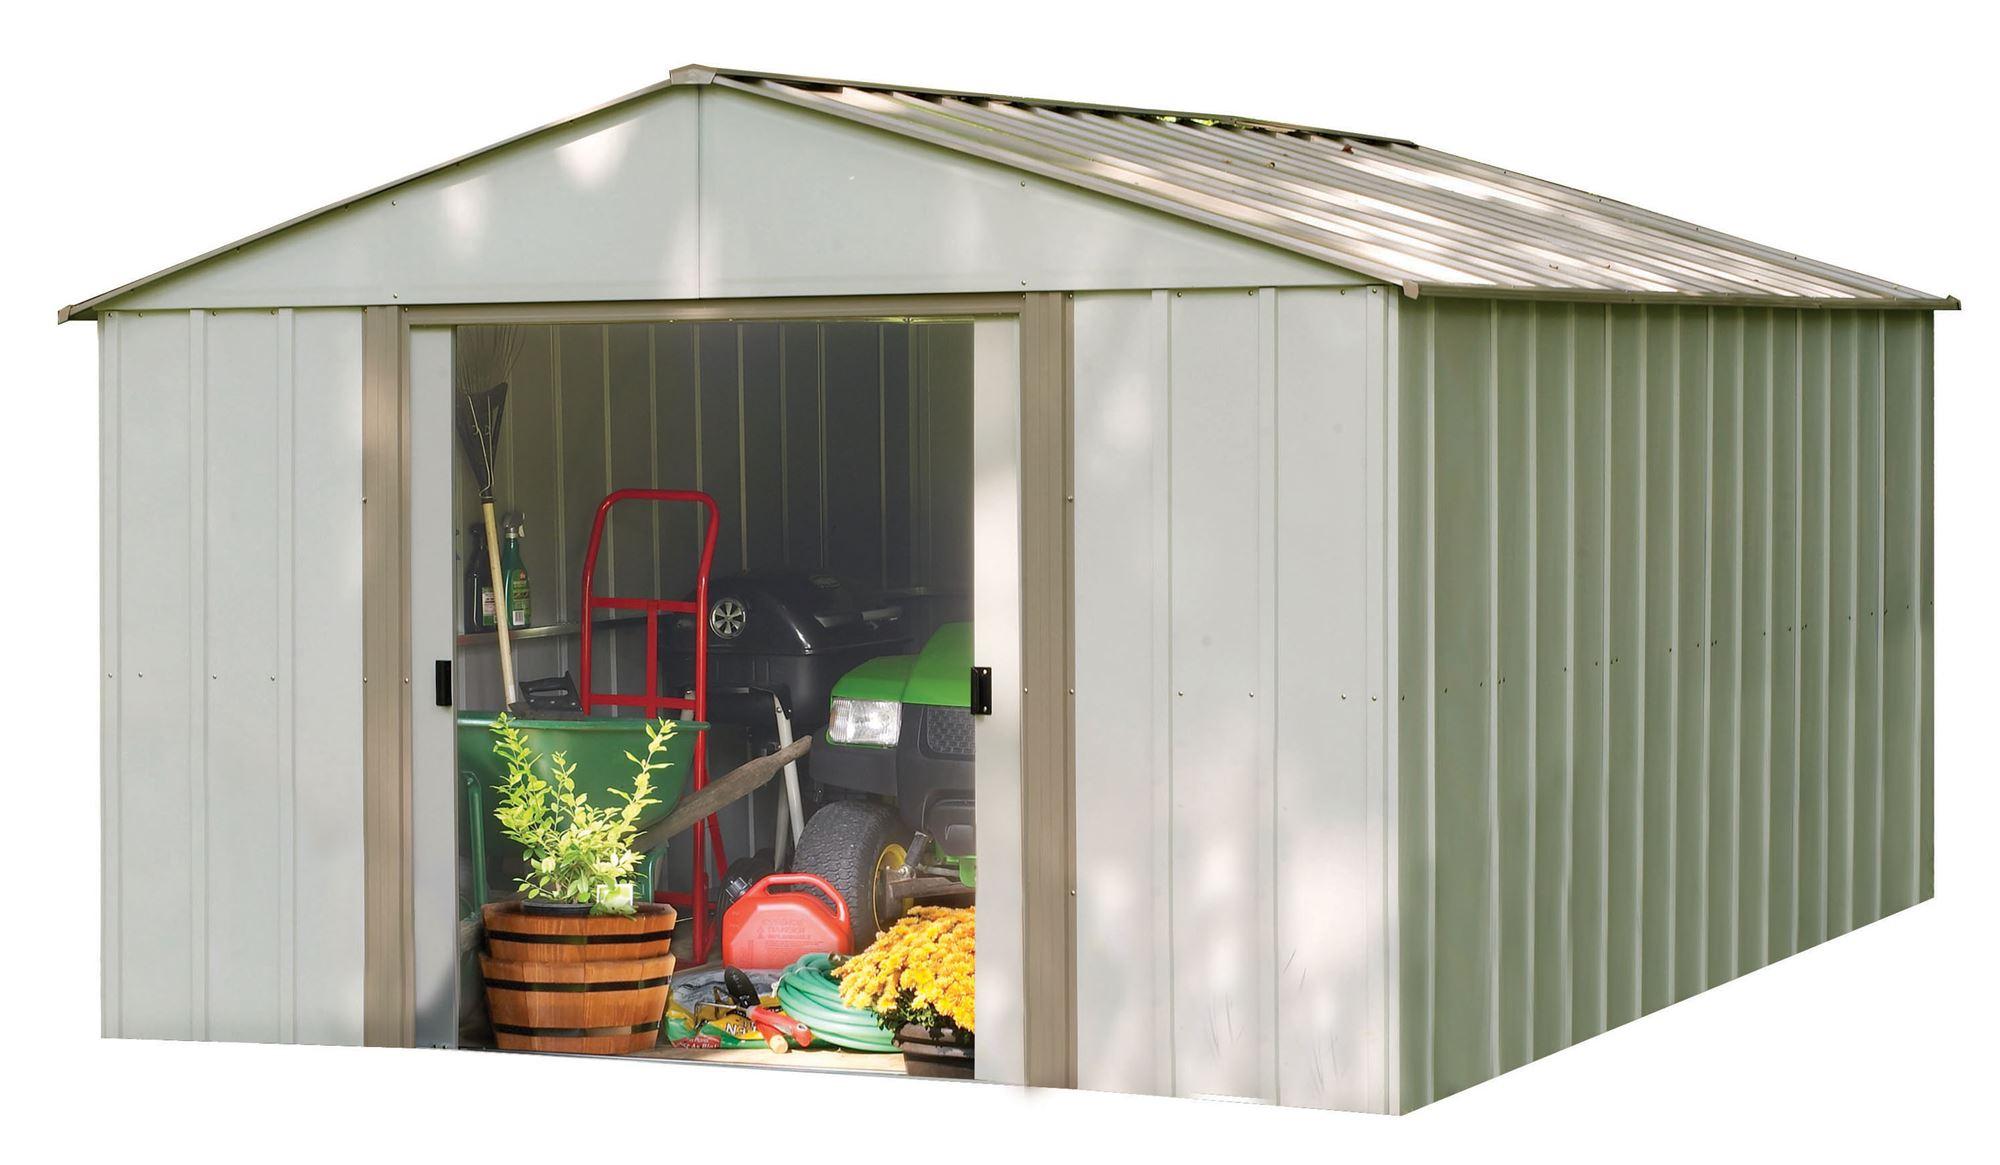 Abri Jardin 12M2 - Prefierofernandez à Abri De Jardin 12M2